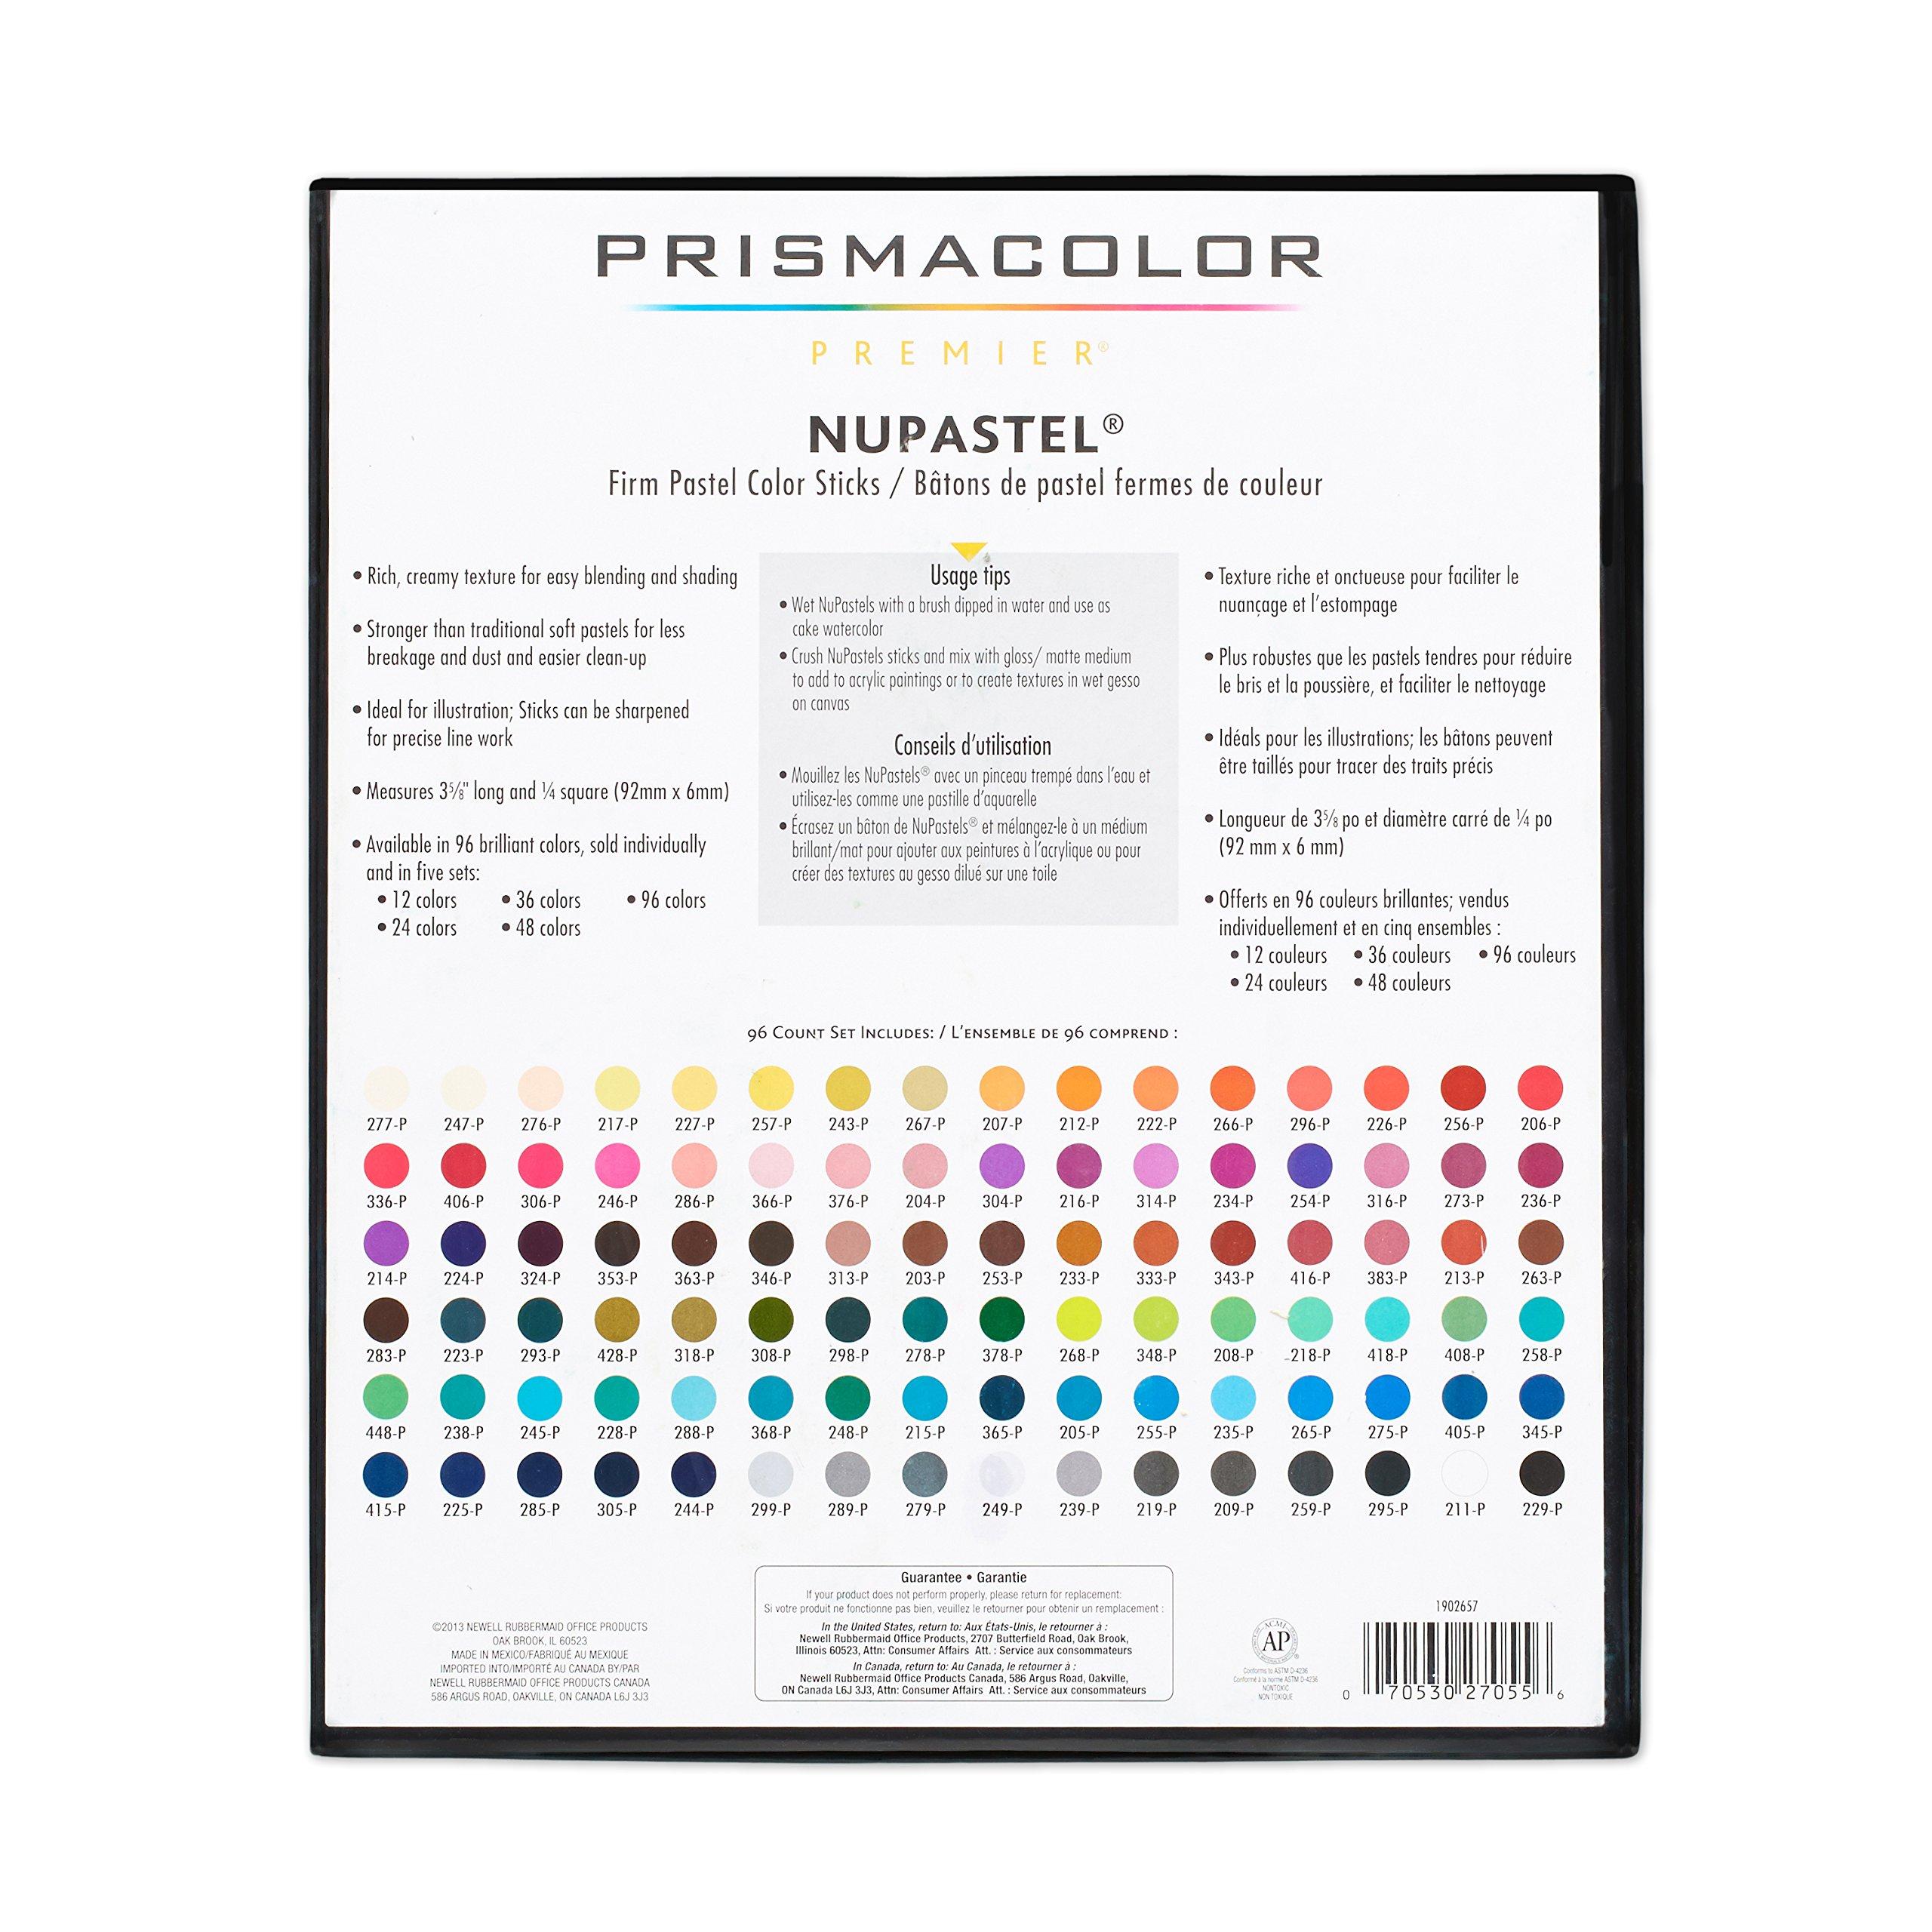 Prismacolor 27055 Premier NuPastel Firm Pastel Color Sticks, 96-Count by Prismacolor (Image #13)